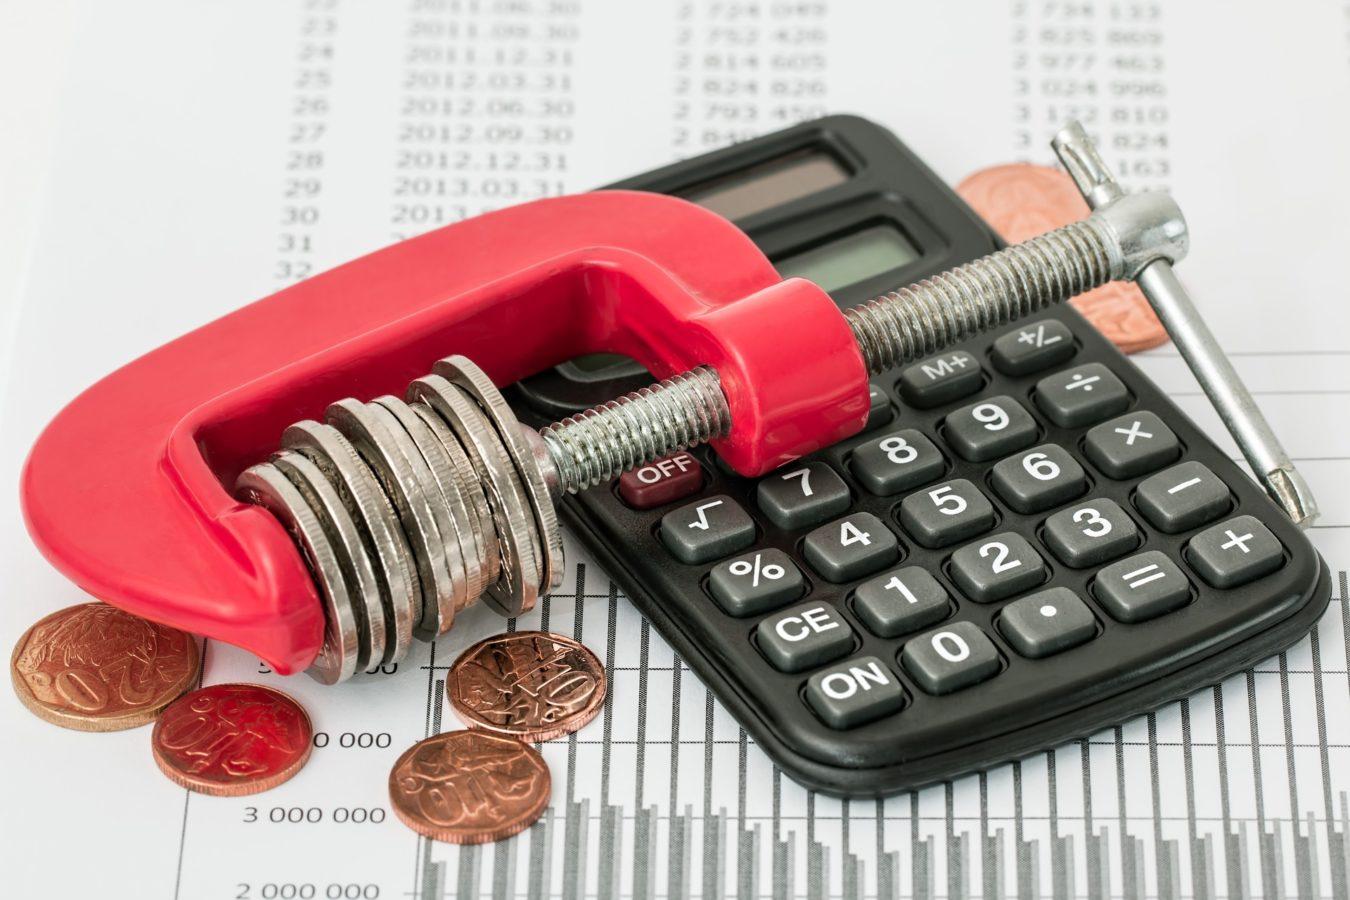 Enquête GFS Initiative pour des prix équitables: Large majorité en faveur de l'initiative pour des prix équitables